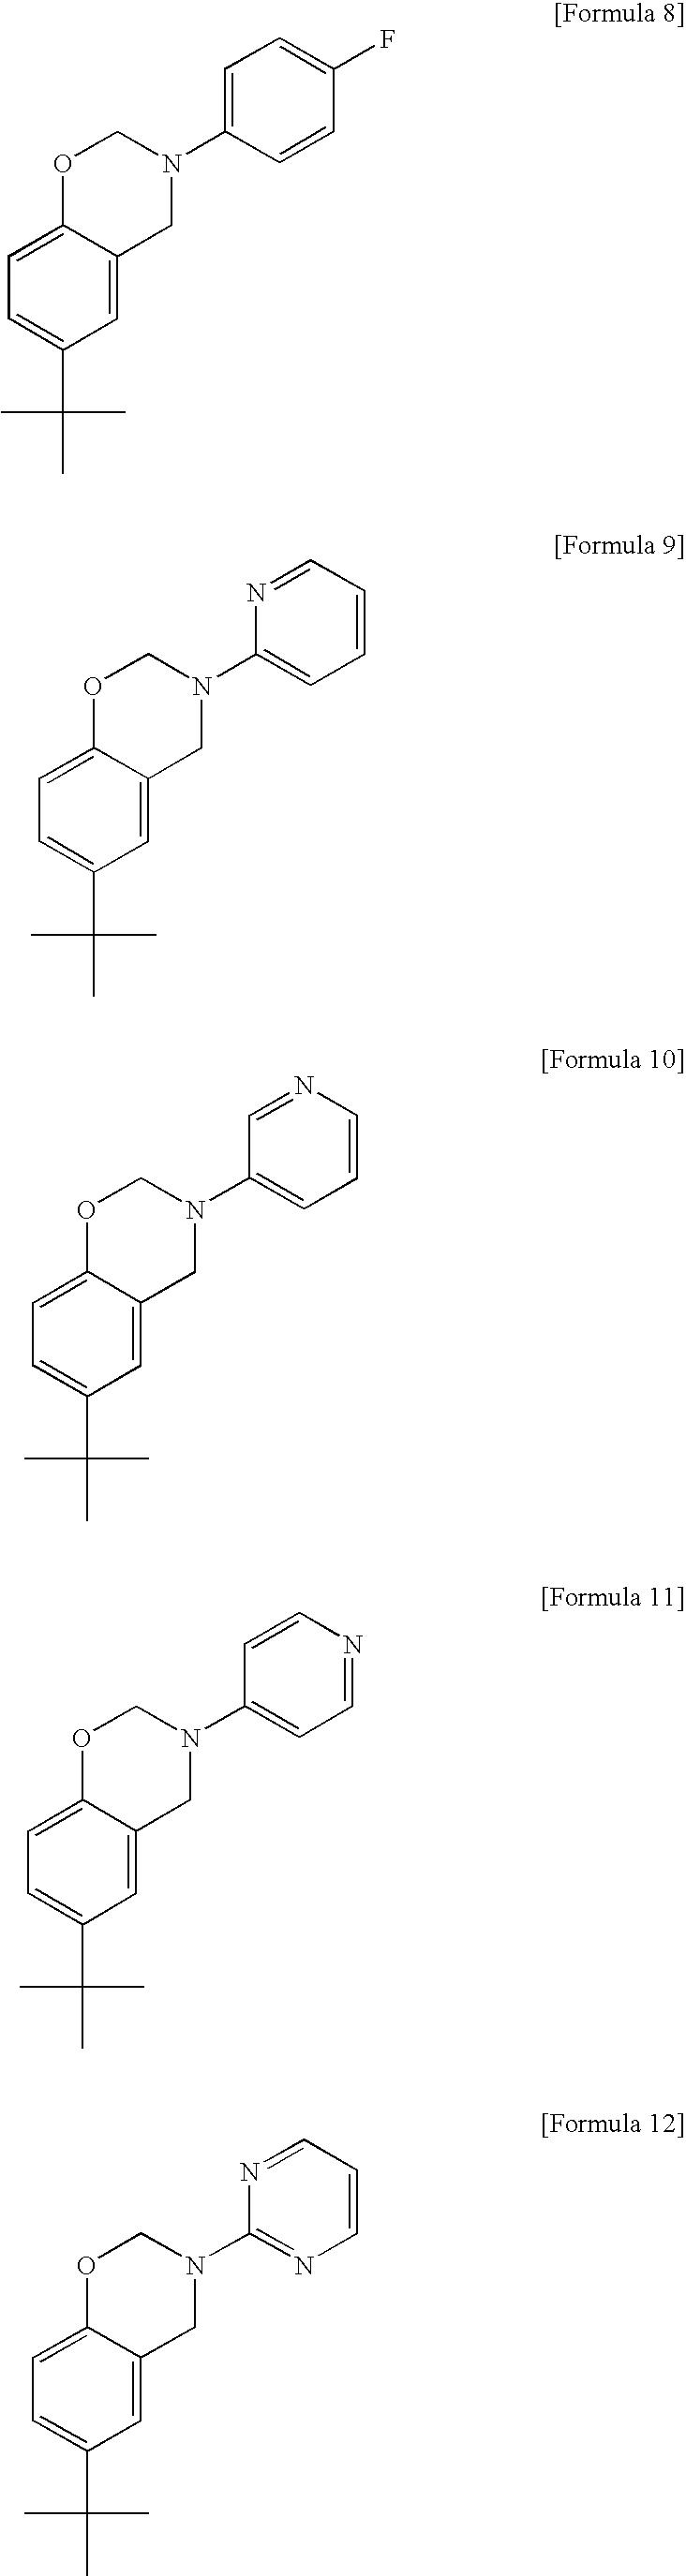 Figure US20070184323A1-20070809-C00005